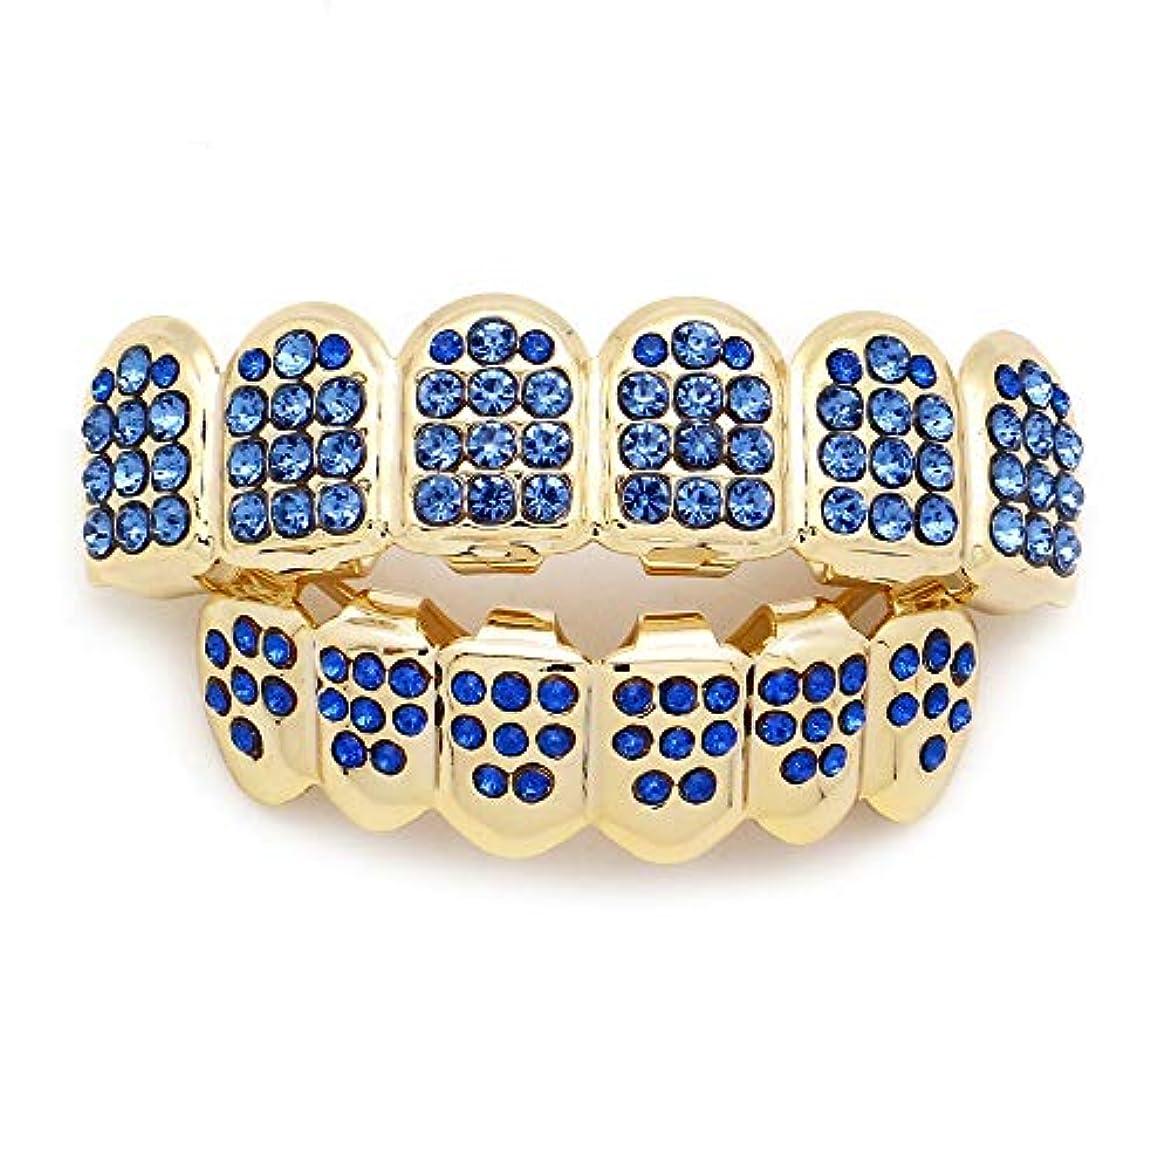 スカーフ落ちたベックスダイヤモンドゴールドプレートHIPHOPティースキャップ、ヨーロッパ系アメリカ人INS最もホットなゴールド&ブラック&シルバー歯ブレース口の歯 (Color : Blue)